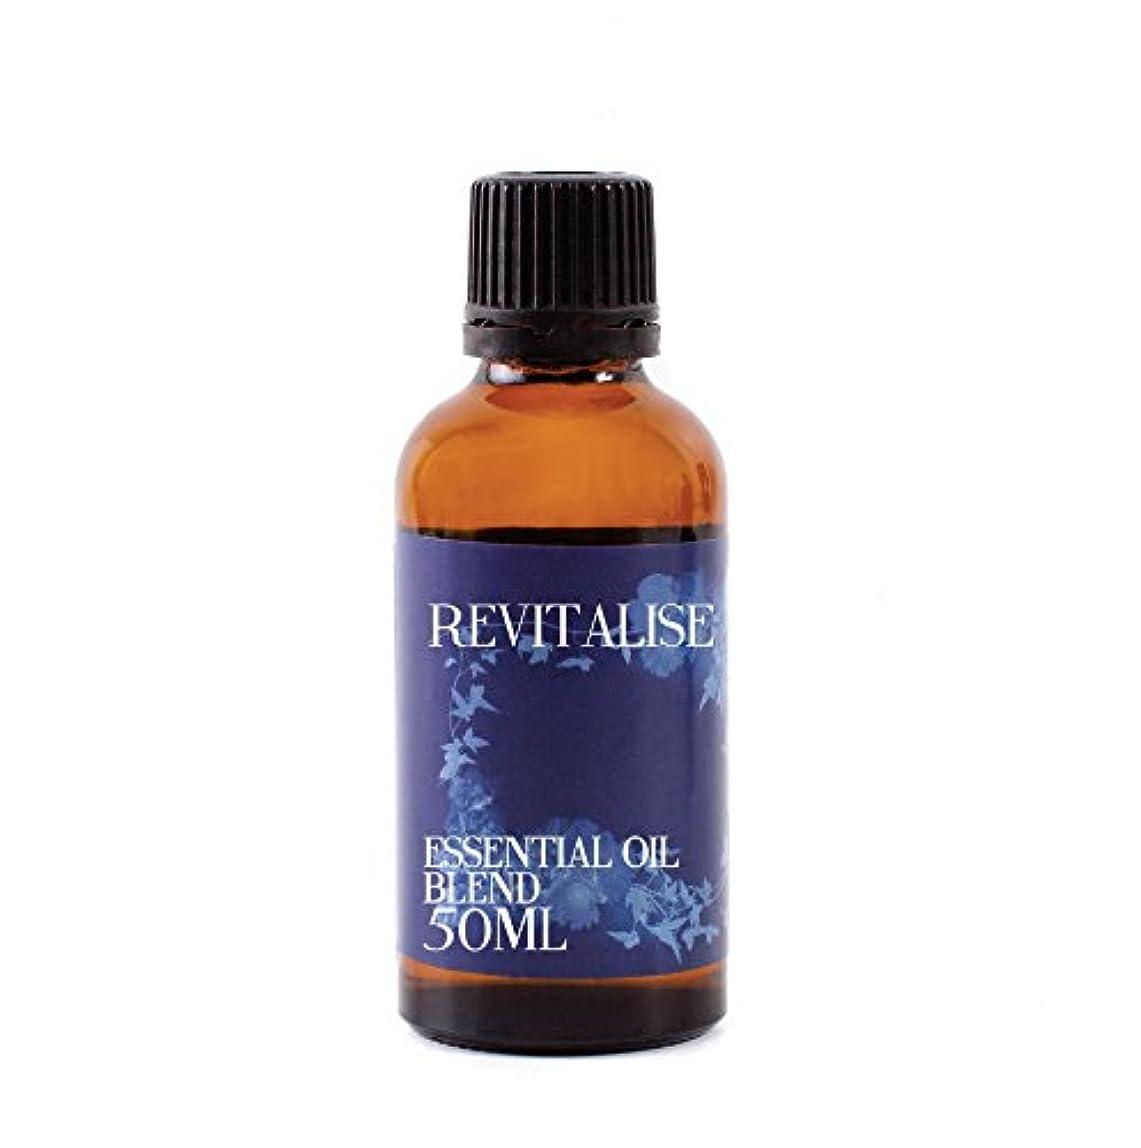 にじみ出るダイバーつばMystix London | Revitalise Essential Oil Blend - 50ml - 100% Pure